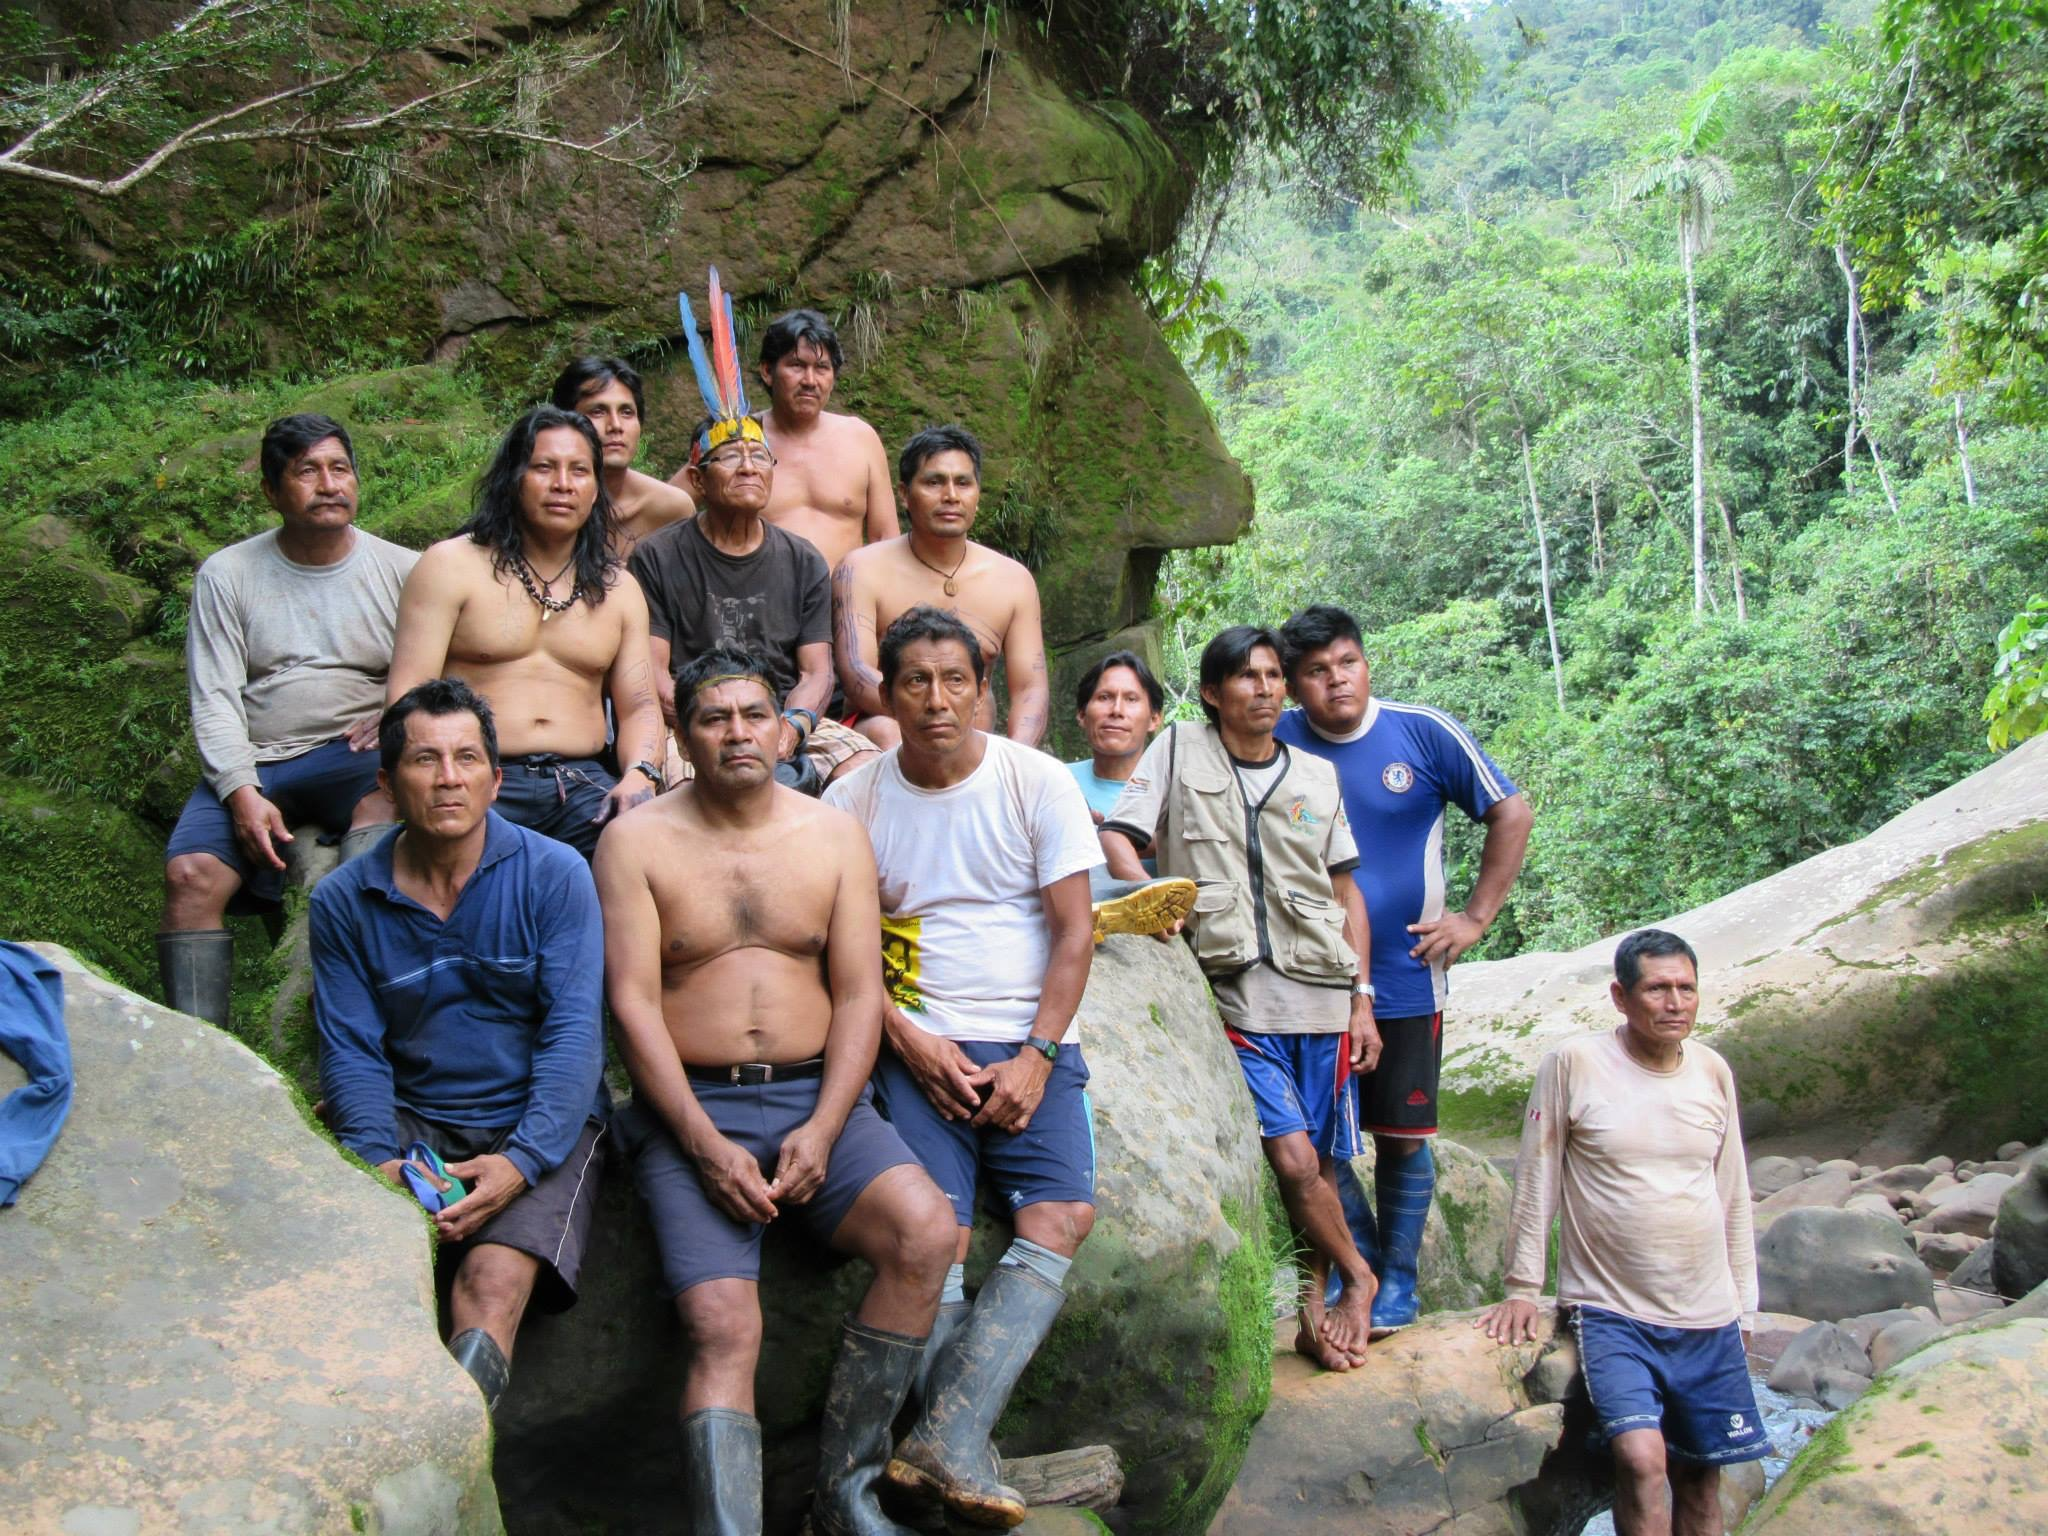 Luis Tayori realizó tres expediciones a la Reserva Comunal Amarakaeri acompañado por sabios líderes hakarbut para ubicar las quebradas y sitios sagrados. En uno de ellos se ubicó el rostro harakbut